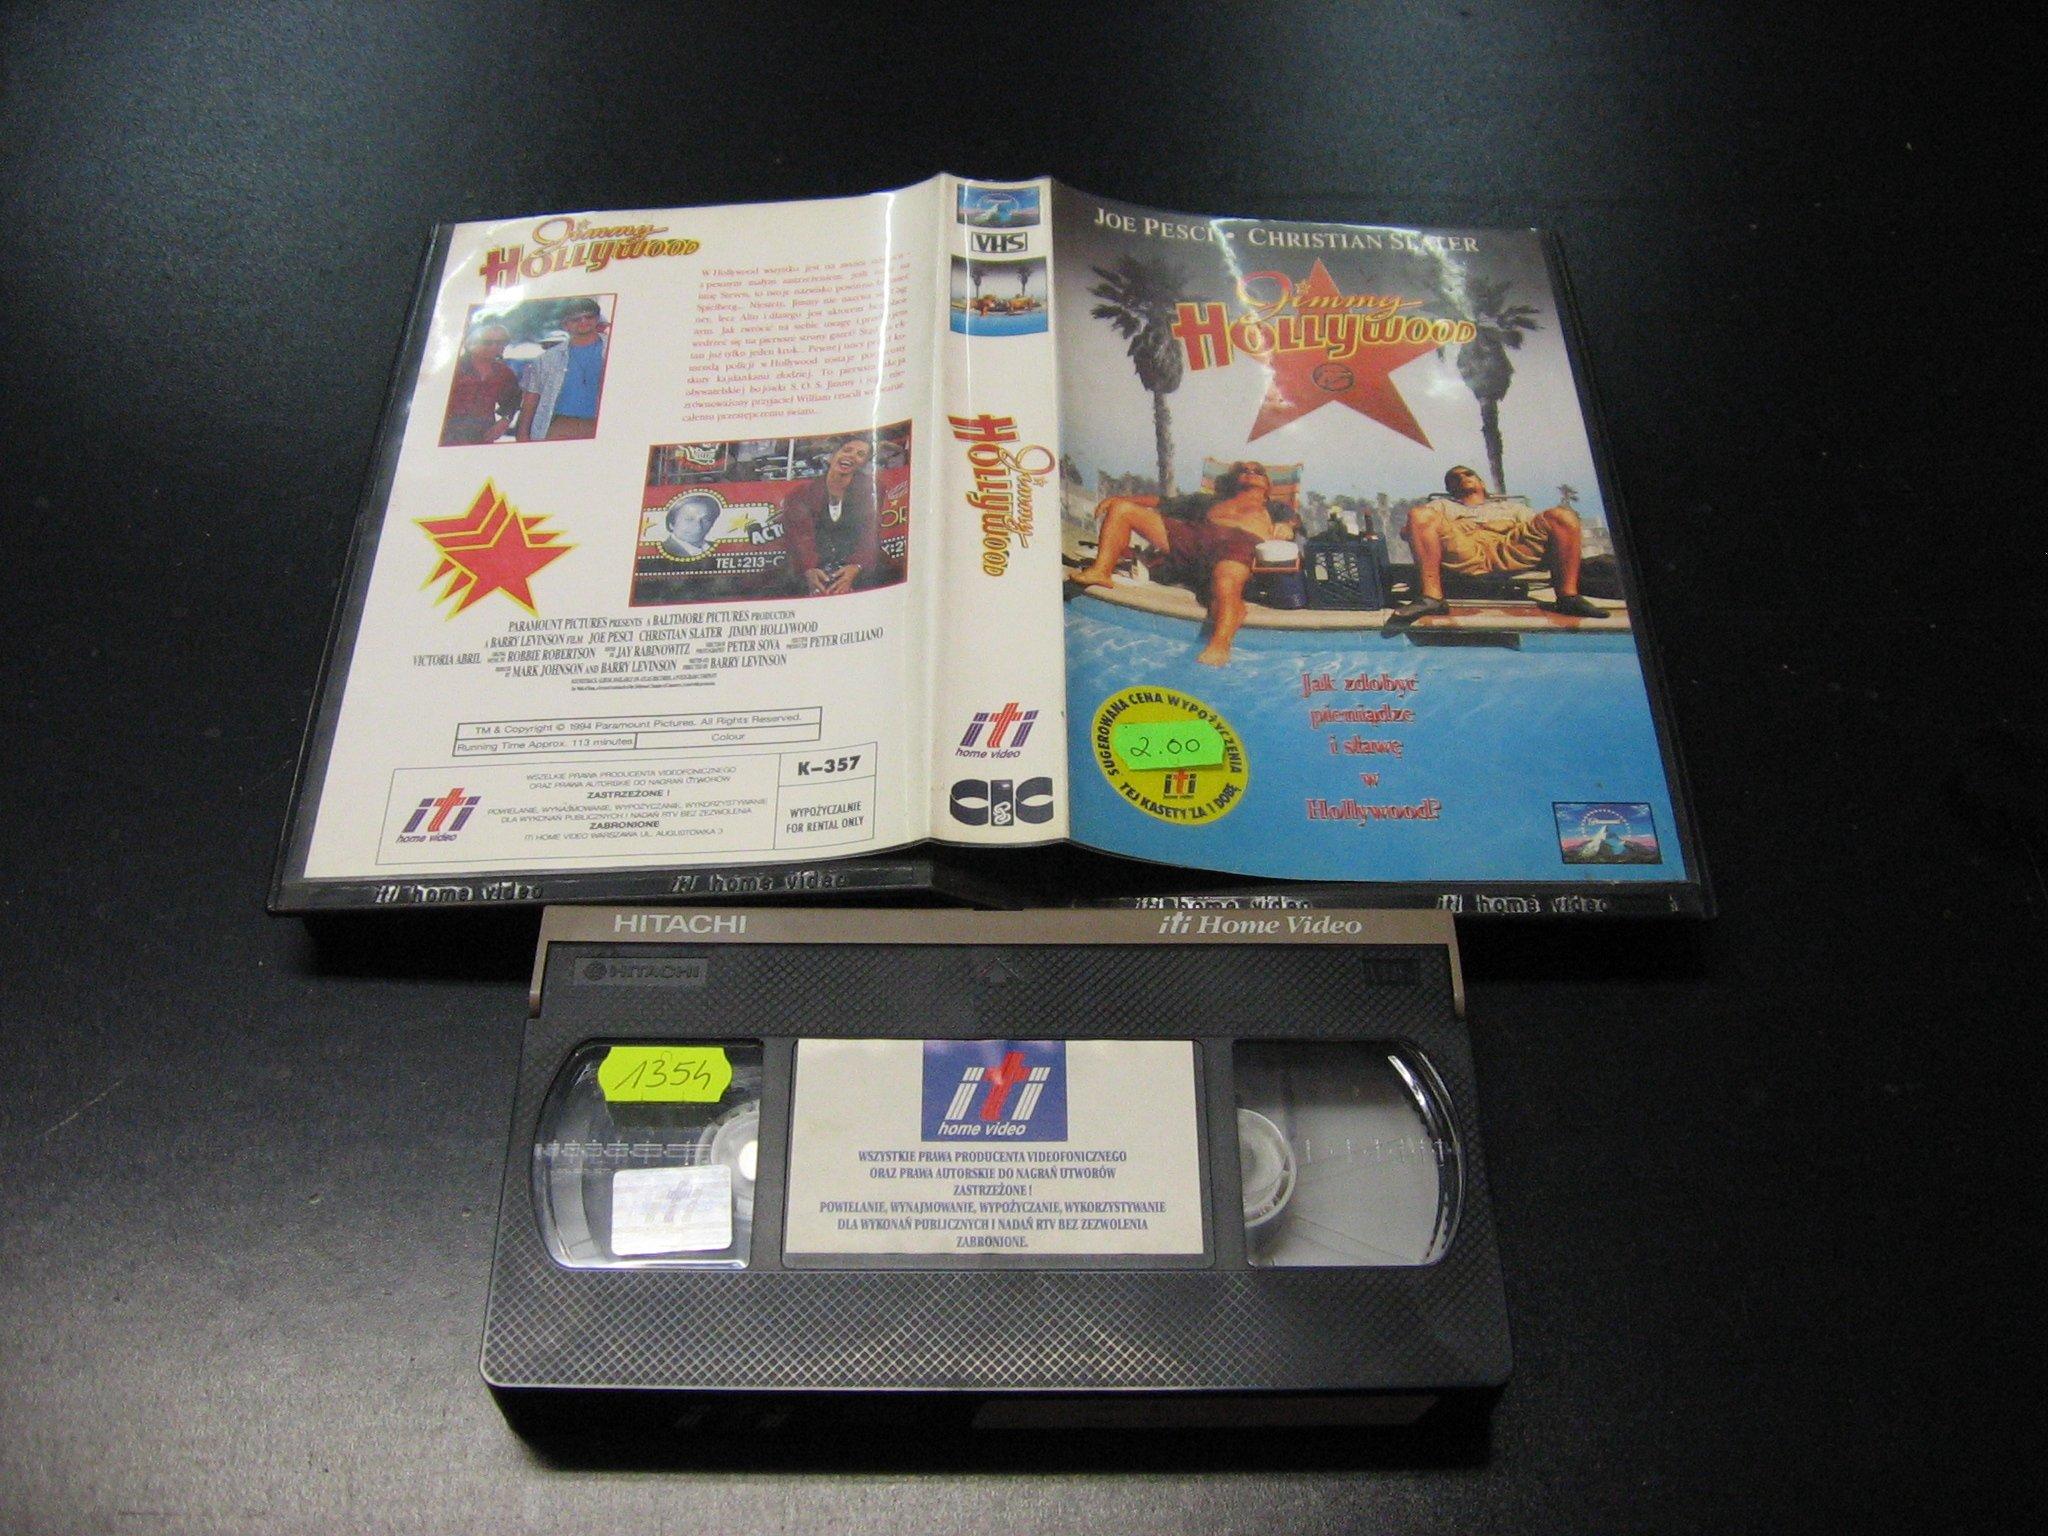 JIMMY HOLLYWOOD -  kaseta VHS - 0997 Opole - AlleOpole.pl